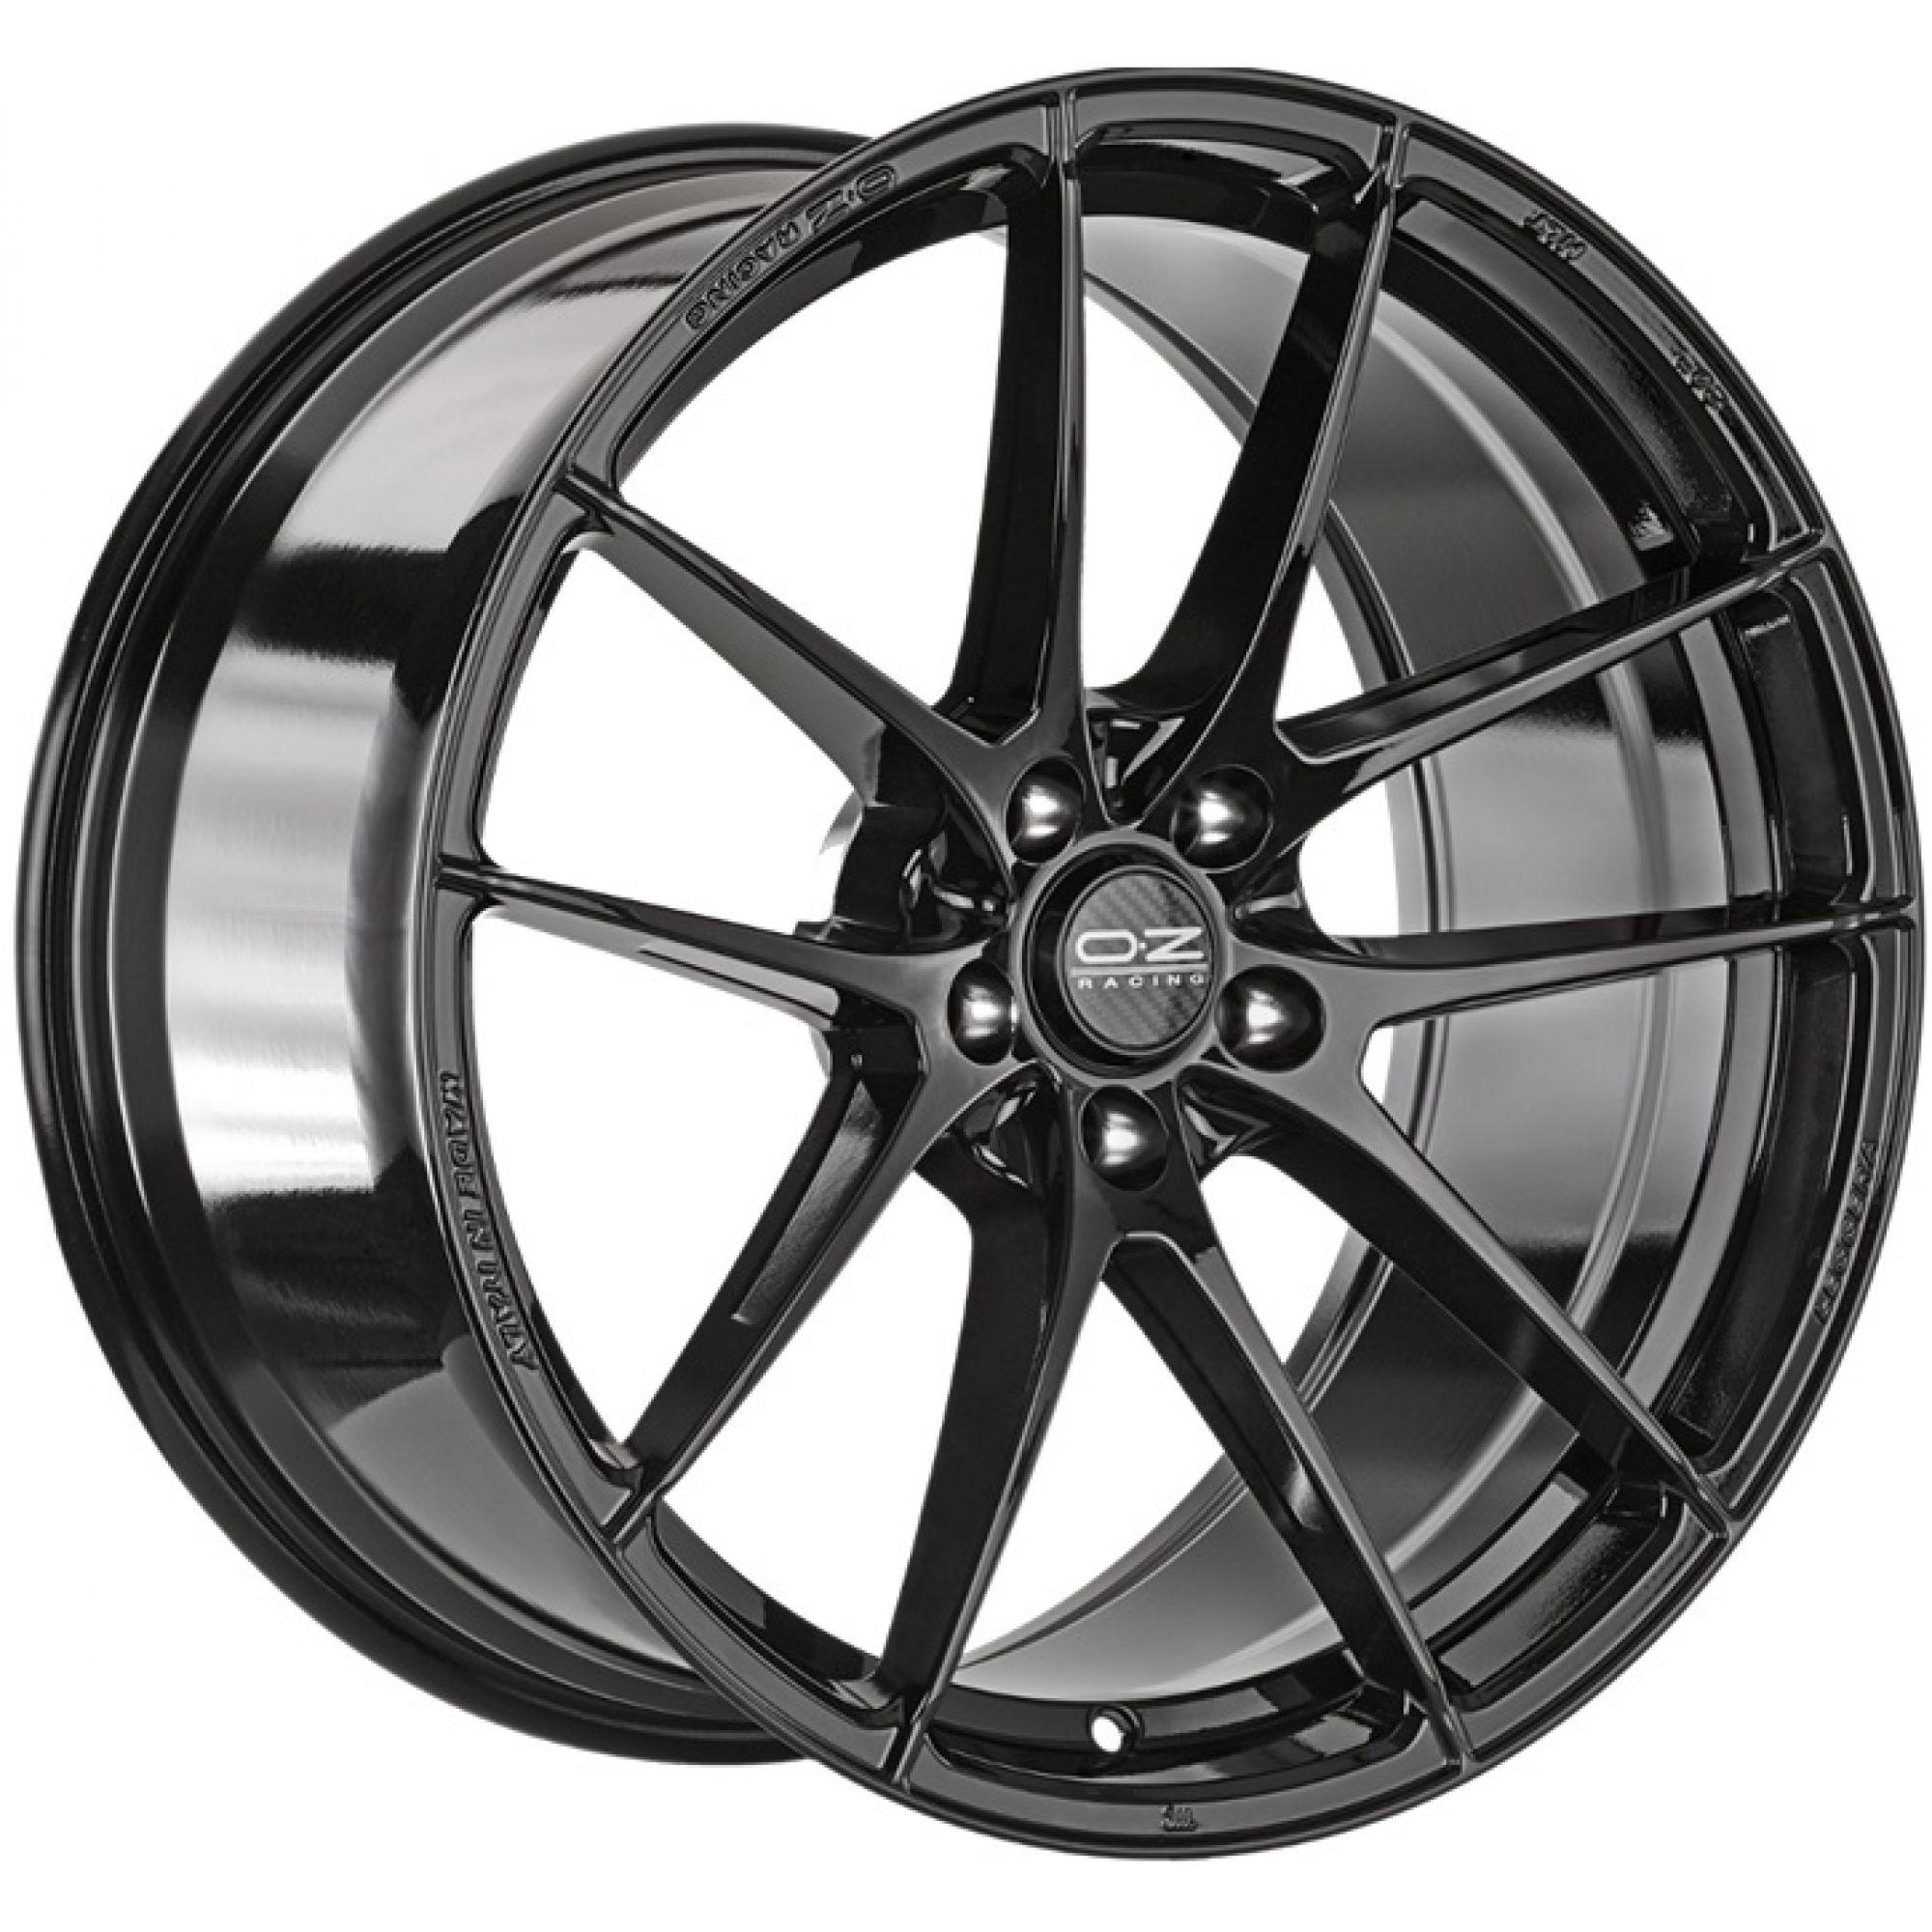 oz racing leggera hlt felgen gloss black in 18 zoll. Black Bedroom Furniture Sets. Home Design Ideas